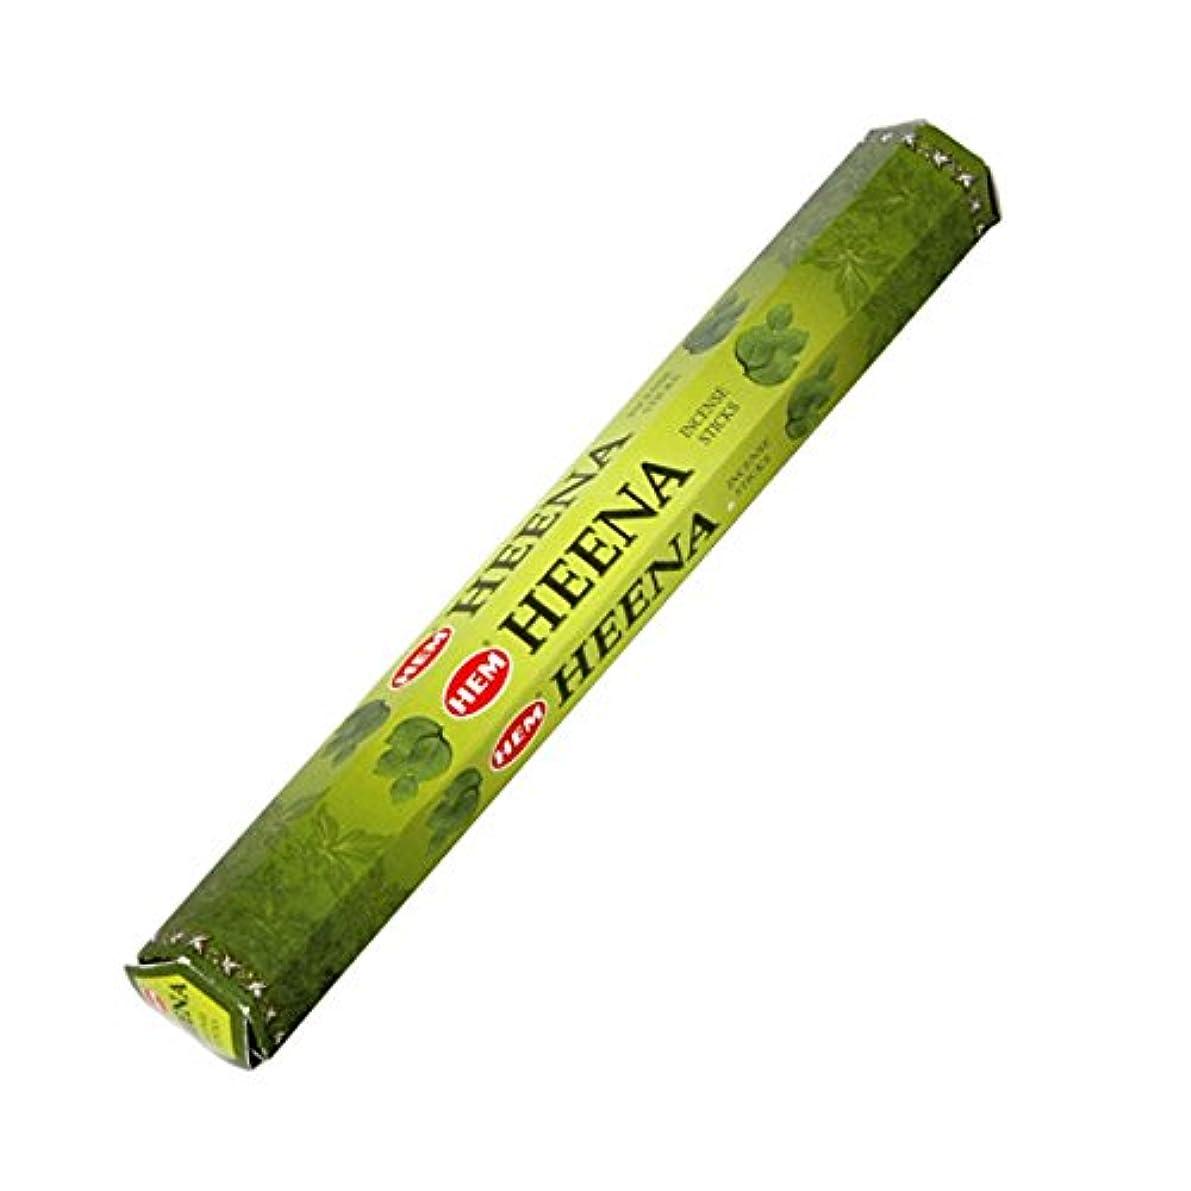 パンフレット後継列挙するHEM(ヘム) ヘナ HEENA スティックタイプ お香 1筒 単品 [並行輸入品]